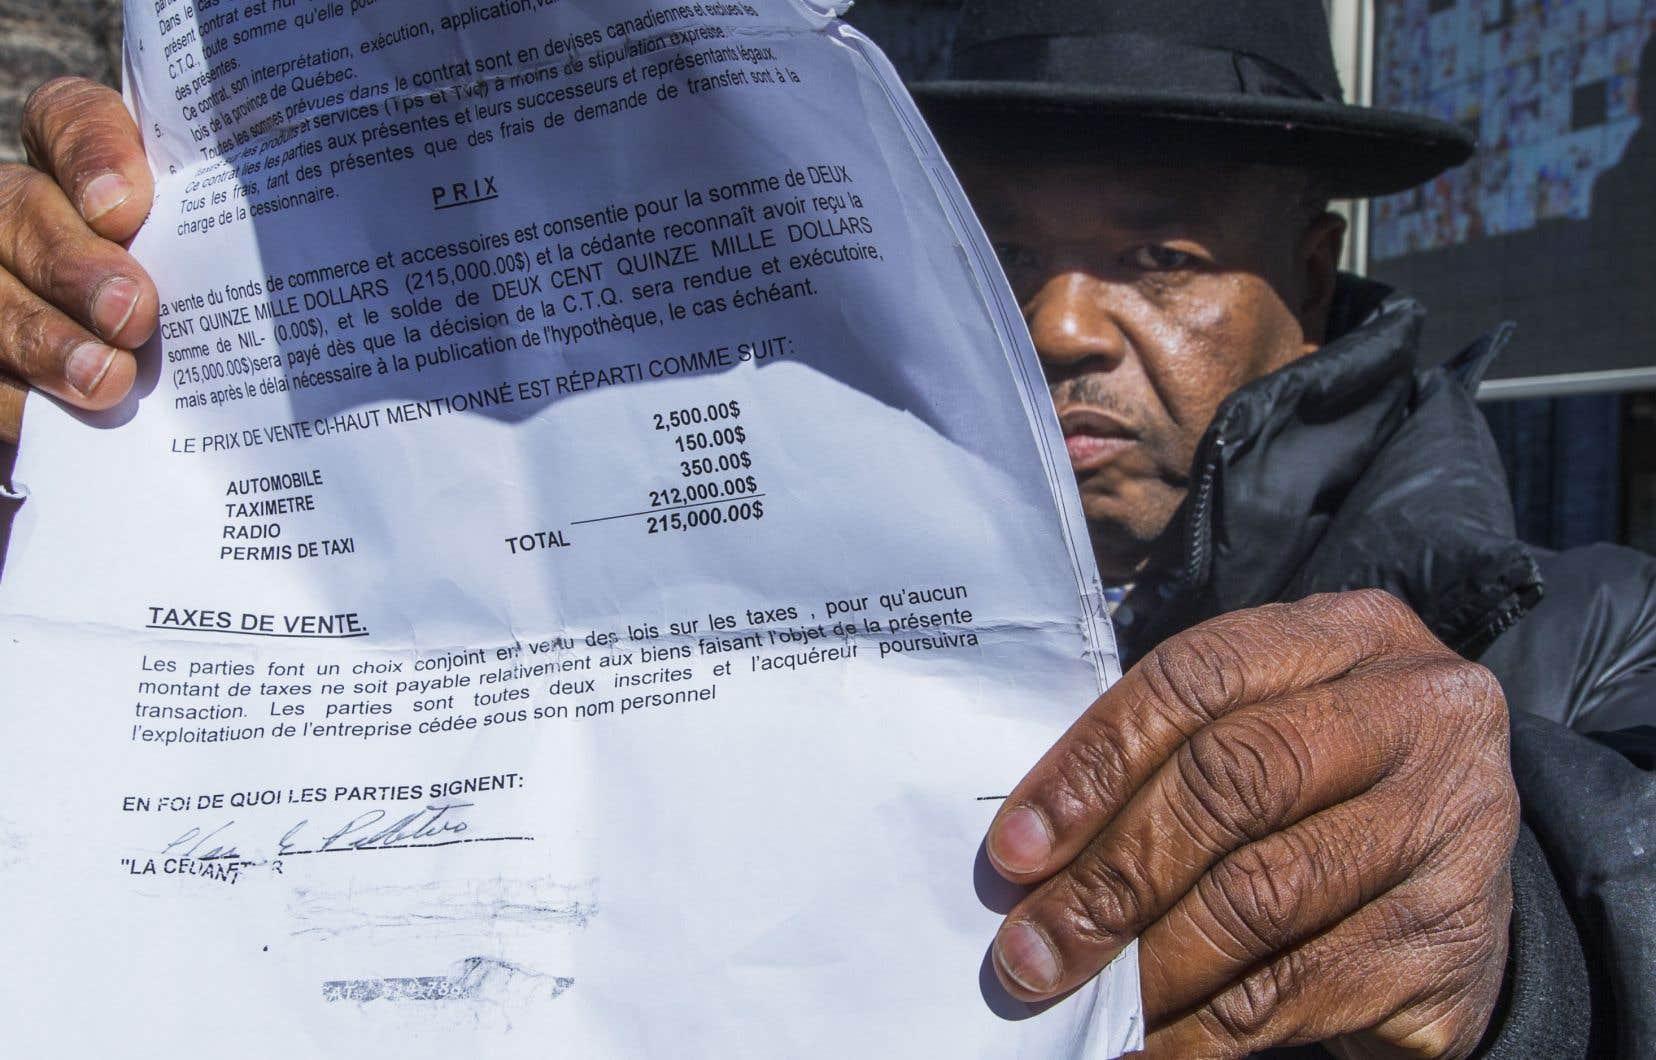 Les chauffeurs de taxi ne cessent de répéter que les 500 millions mis sur la table par le gouvernement ne suffiront pas à éponger leurs pertes. Celui-ci montre le contrat d'achat de son permis, pour lequel il a investi 215 000$.